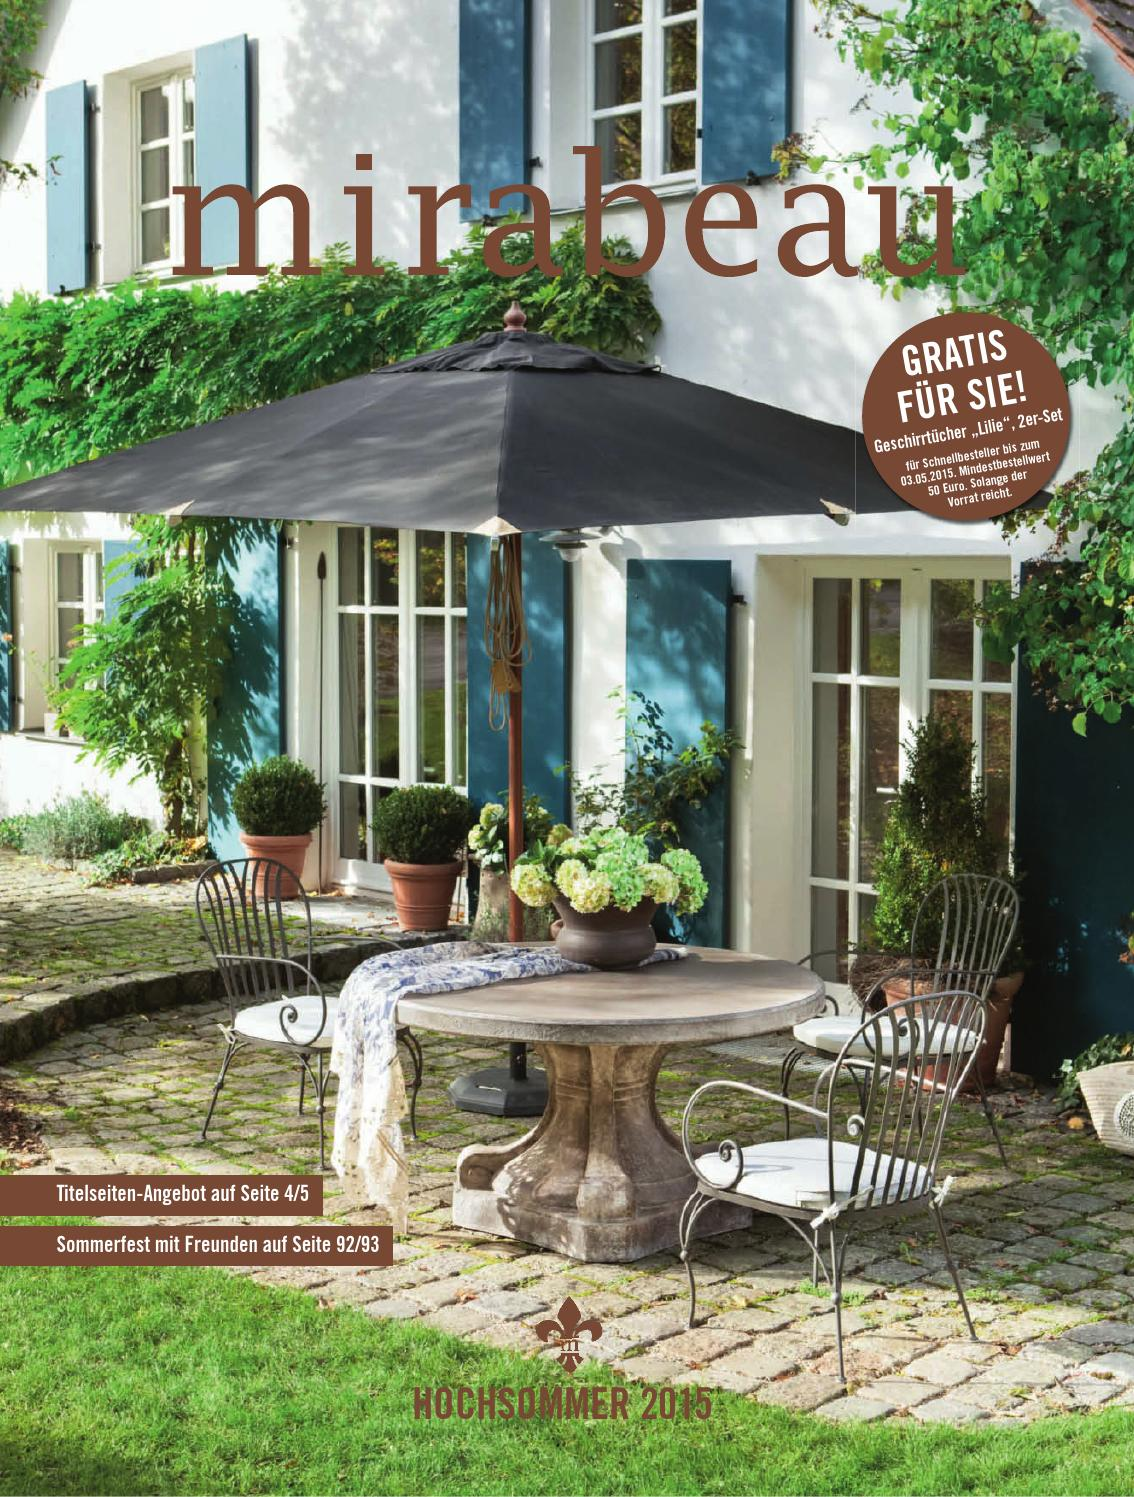 3 Größen Große Wasserdicht Garten Terrasse Hof Möbel Abdeckung Sonnenschutz DE